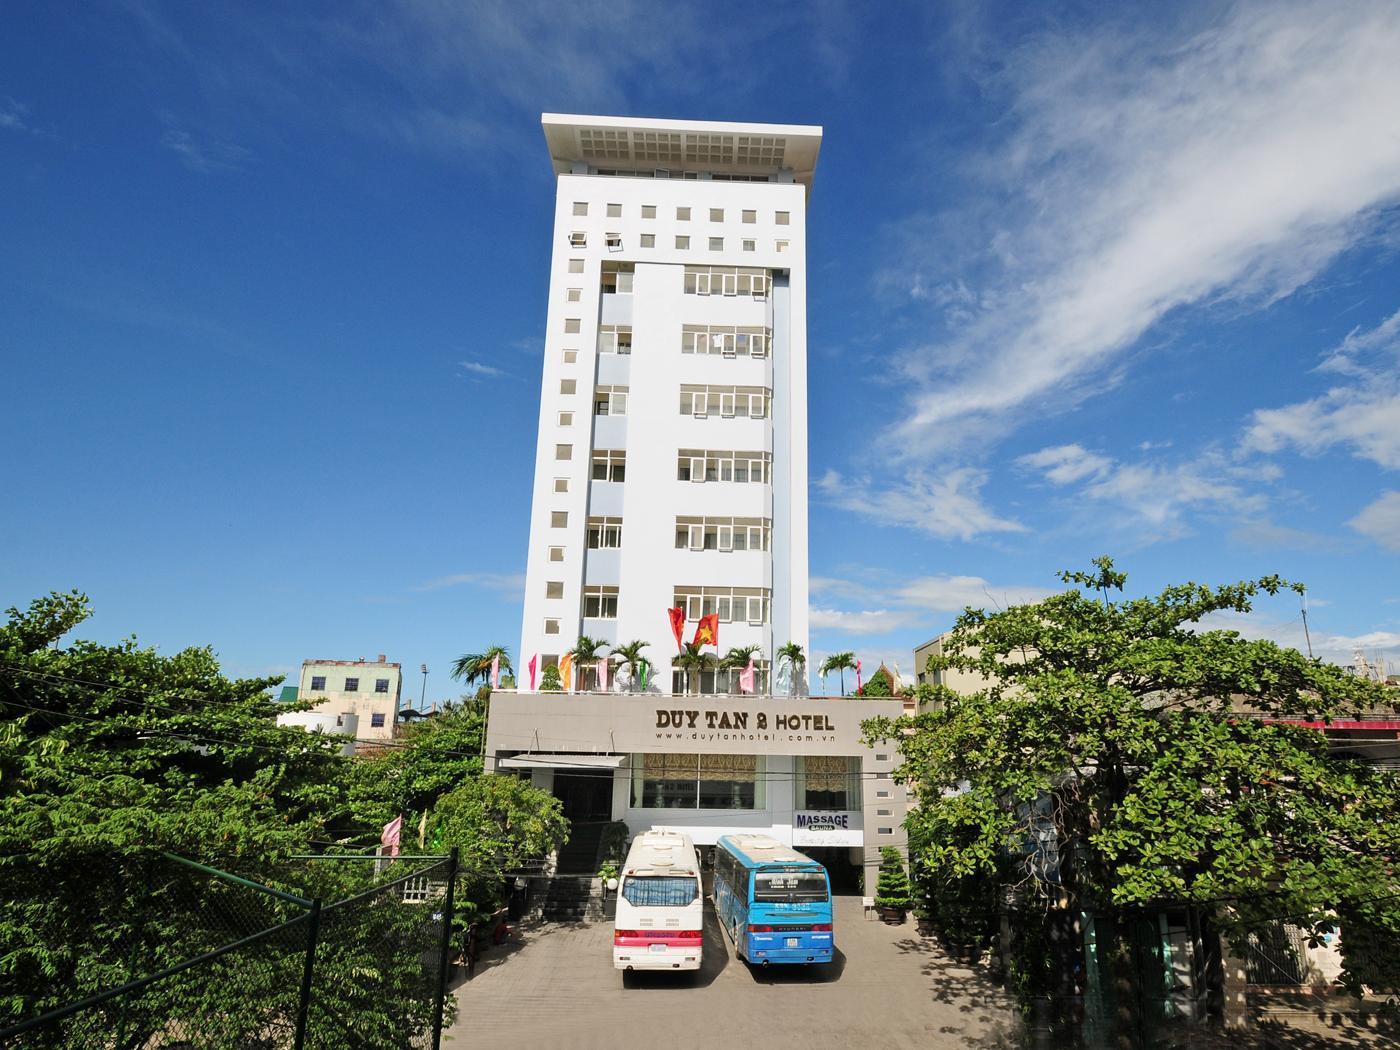 Duy Tan 2 Hotel - Hotell och Boende i Vietnam , Hue